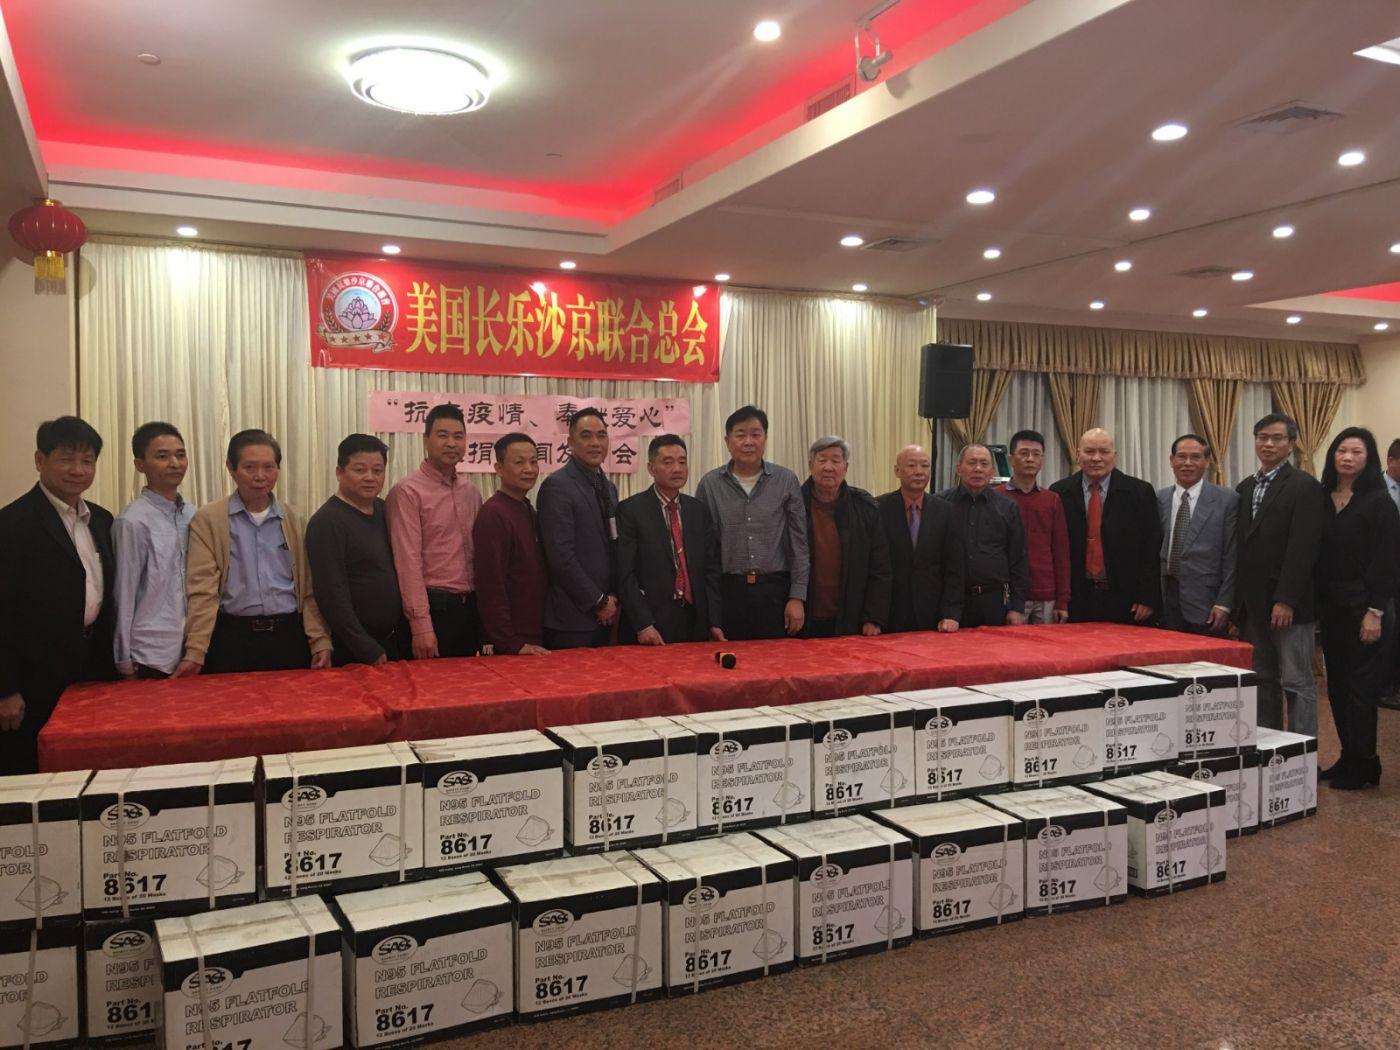 美國長乐沙京聯合總會舉辦抗疫募捐15萬元人民幣物資發布會_图1-3